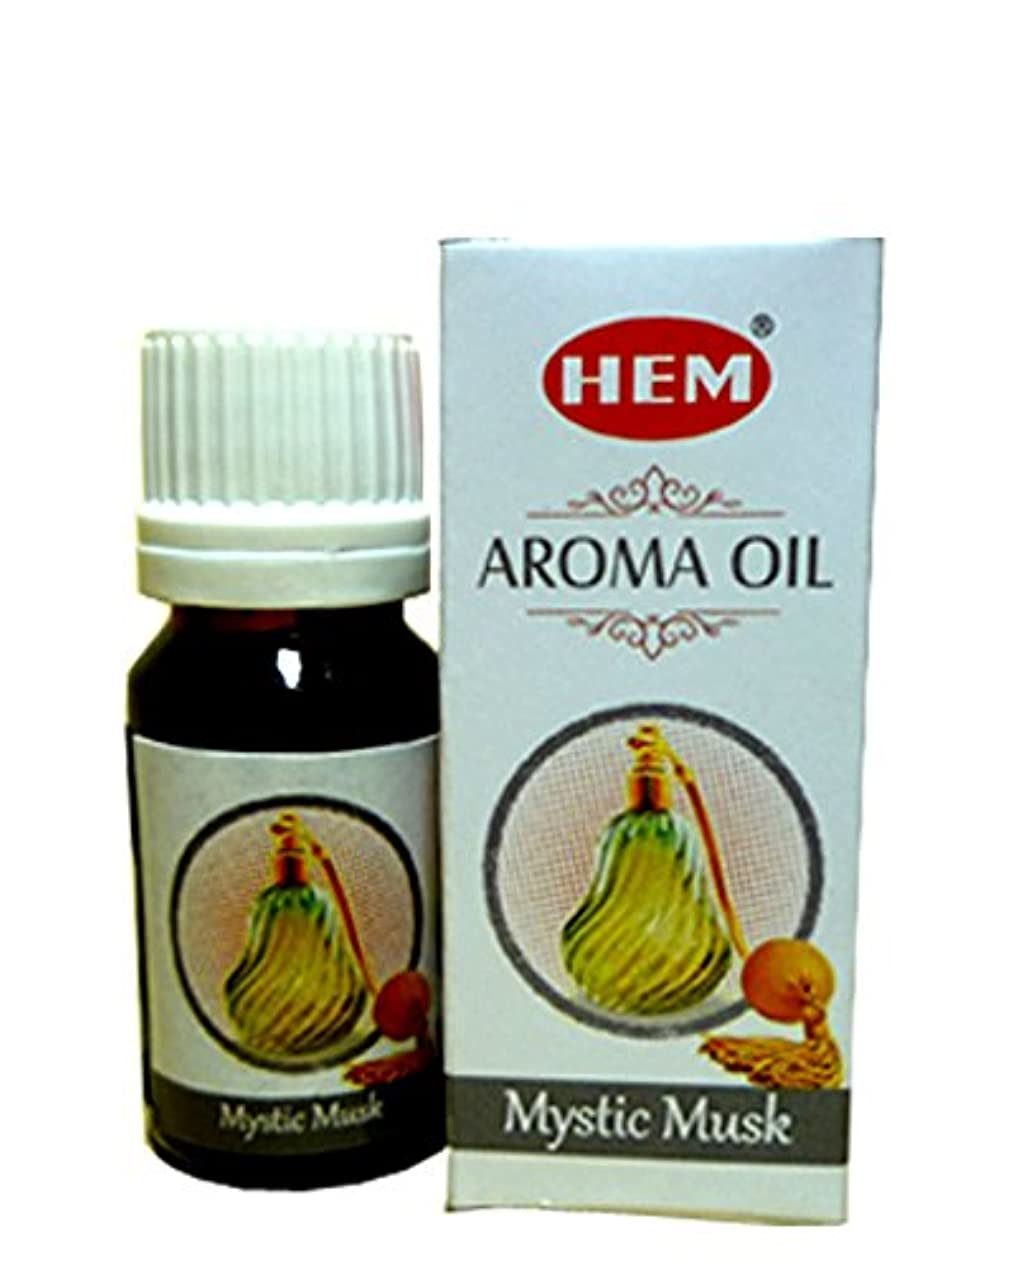 トラップファセット放置HEMのアロマオイル HEM AROMA OIL 10ml ミスティック ムスク MYSTIC MUSK